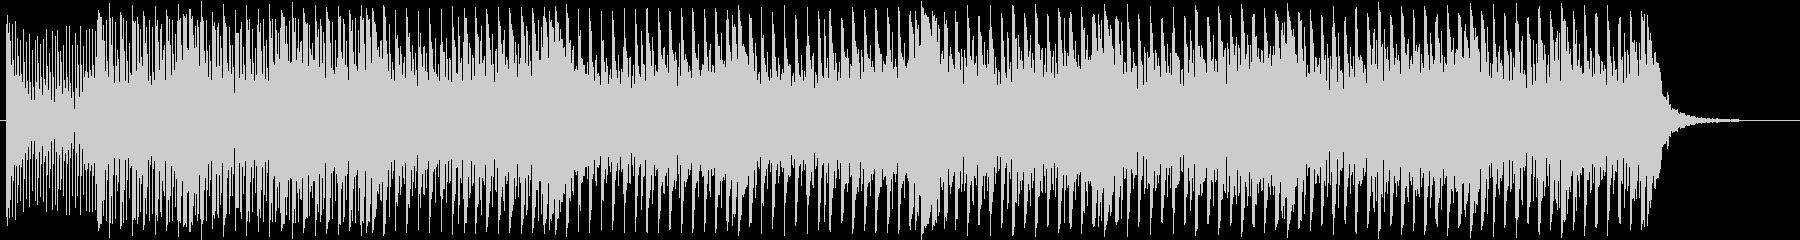 16ビートEDM風和風曲の未再生の波形